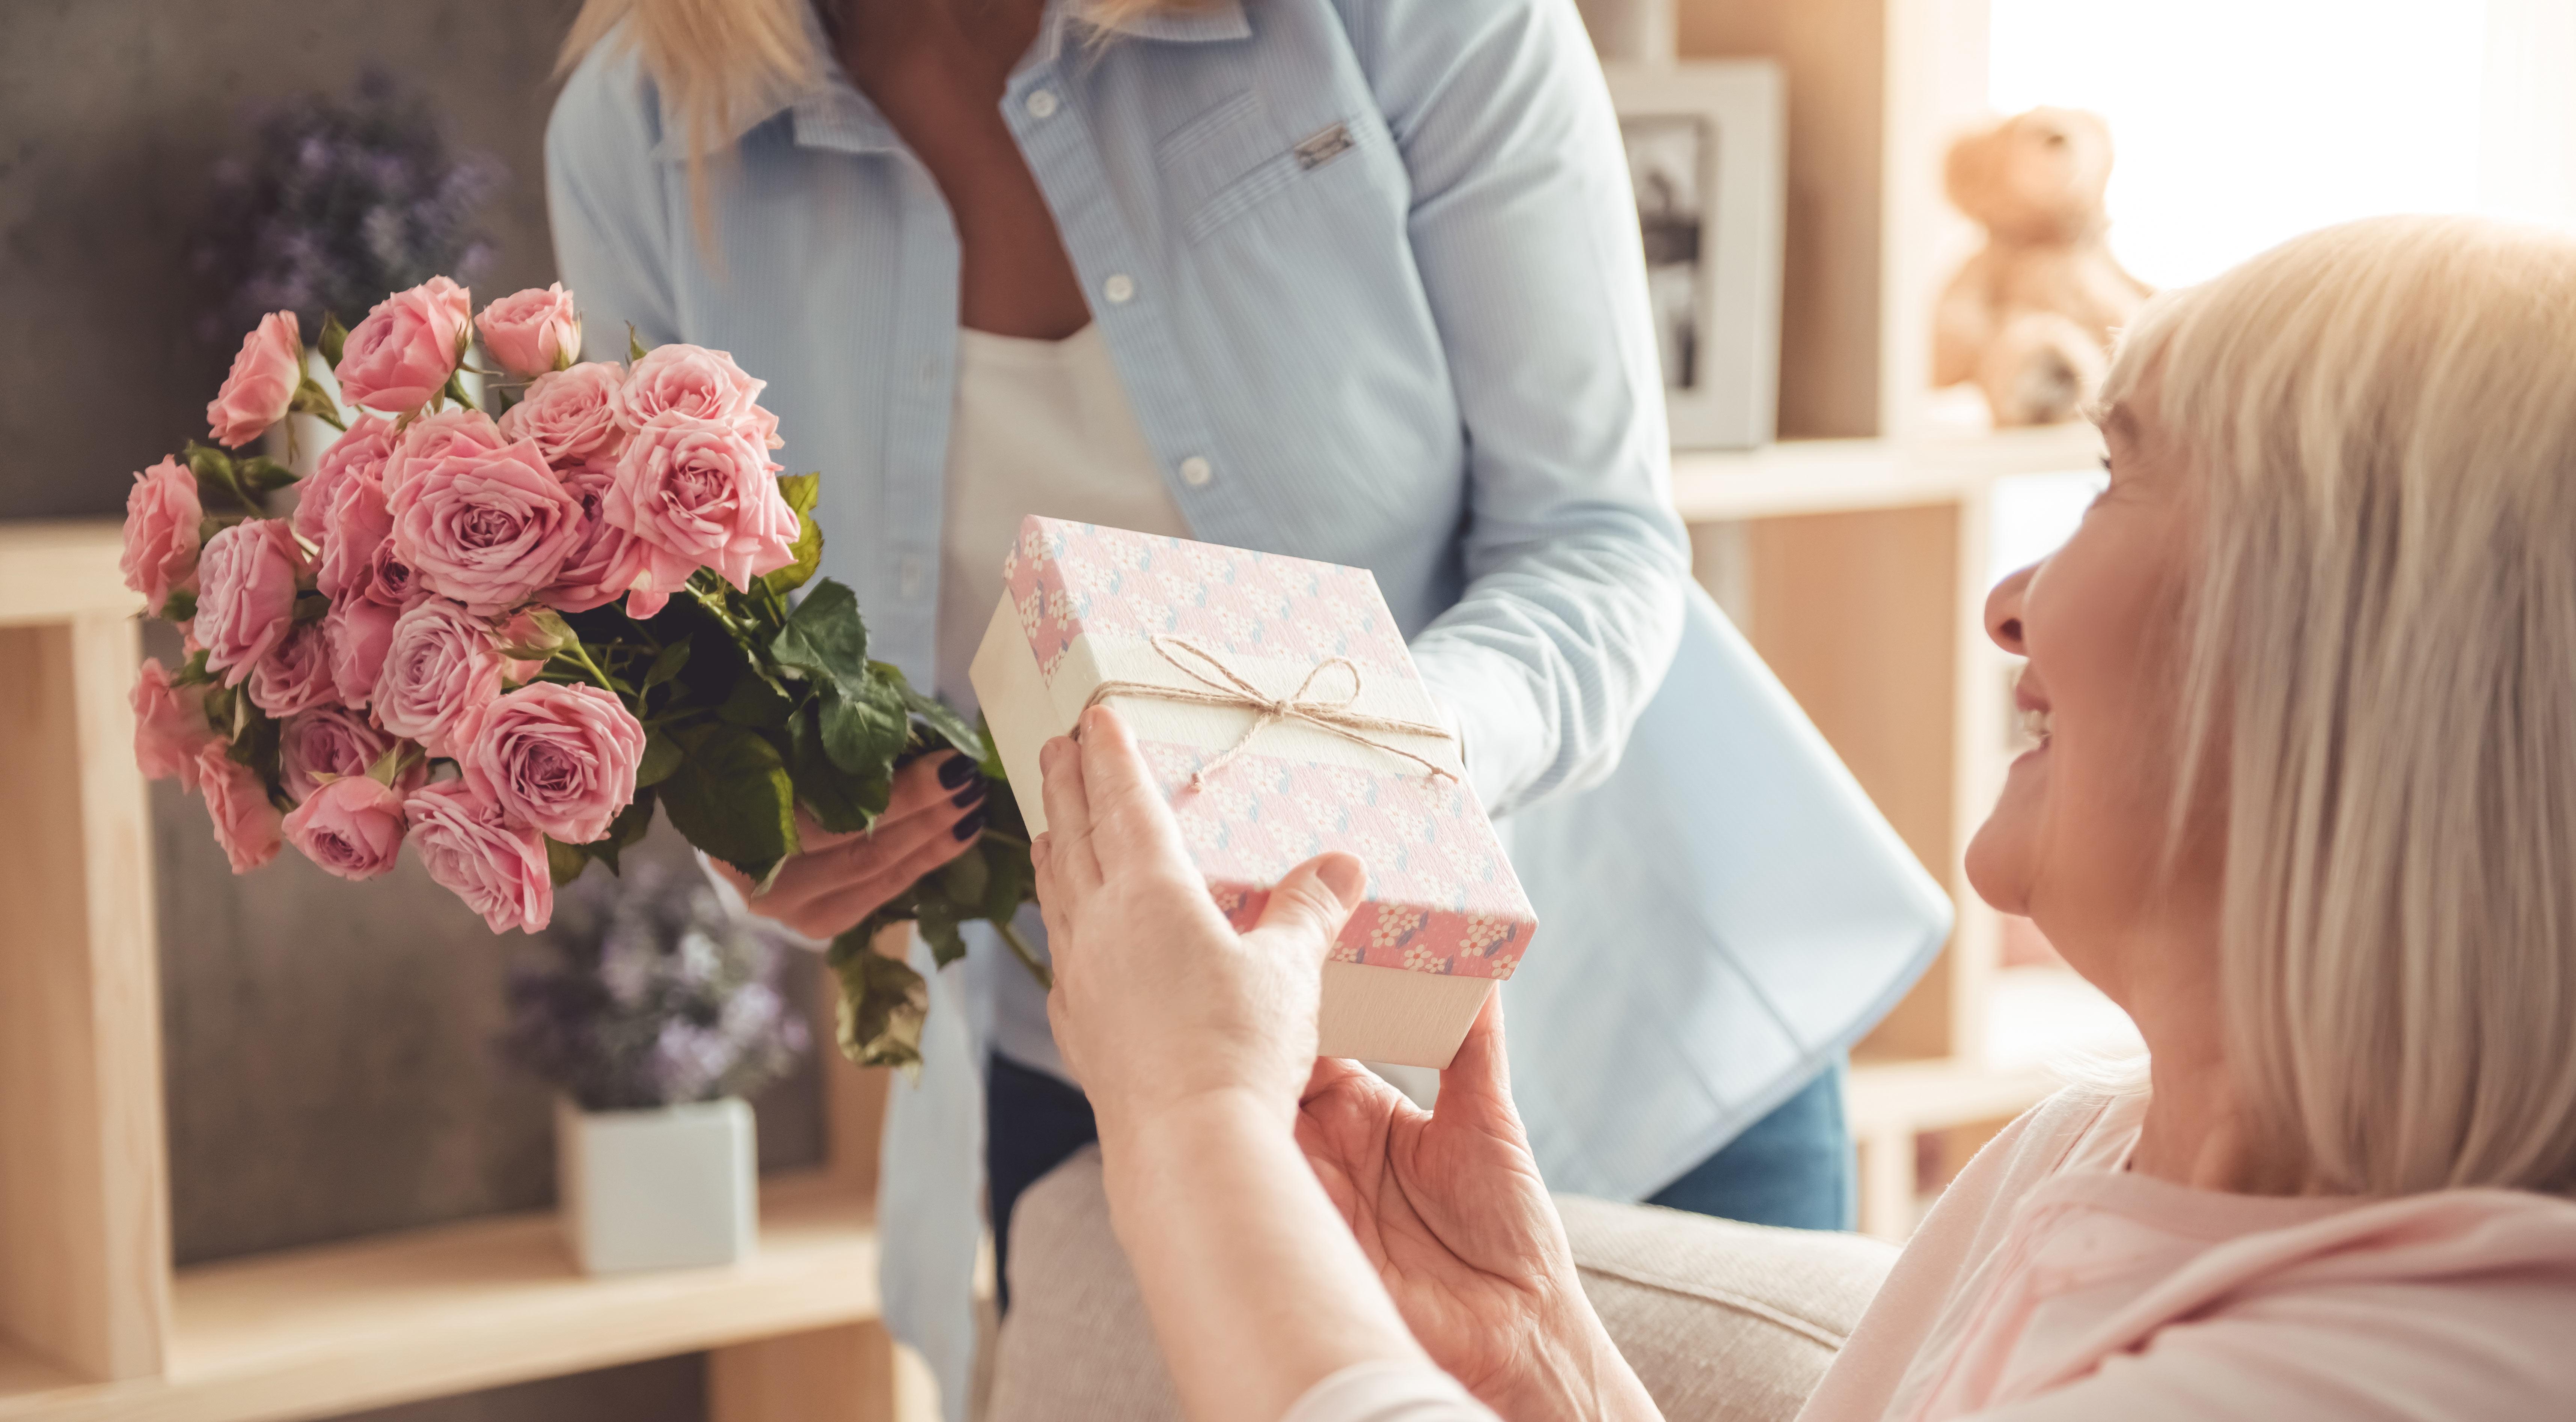 Idée Cadeau Mamie 80 Ans.Les Meilleures Idées Cadeaux Pour Votre Mamie à La Fête Des